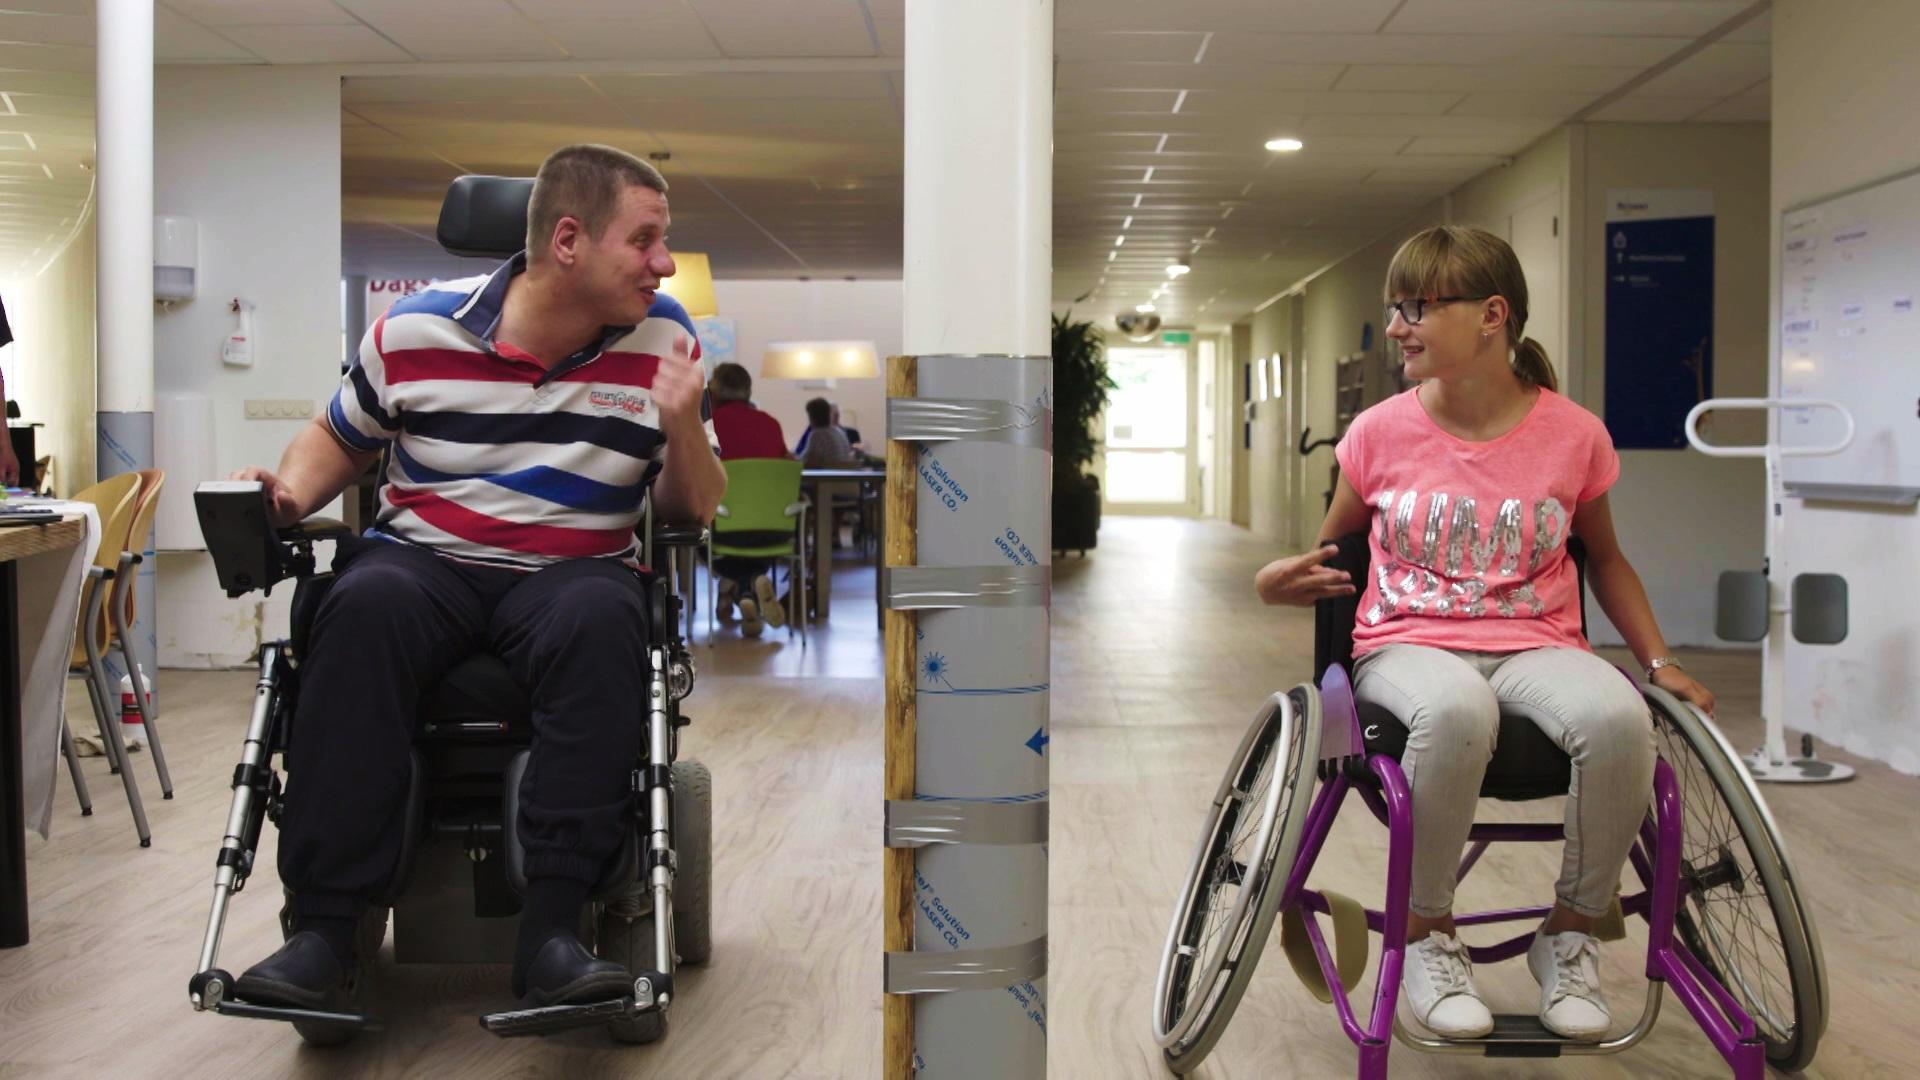 Nog_een_week_afl_4_vader_en_Esther_in_rolstoel_race.jpg